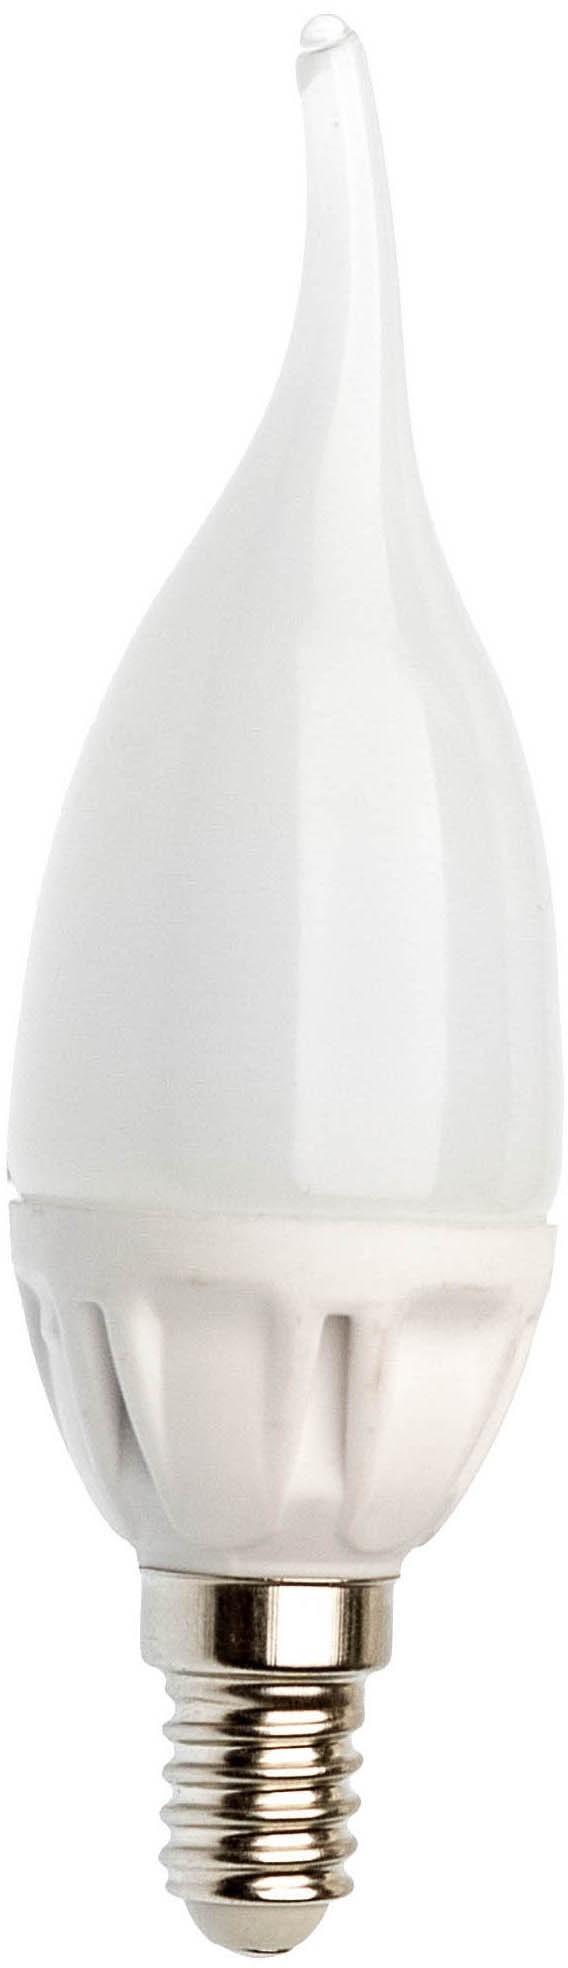 Spectrum Żarówka LED świecowa DECO E14 4W SMD CW zimna płomyk WOJ13047